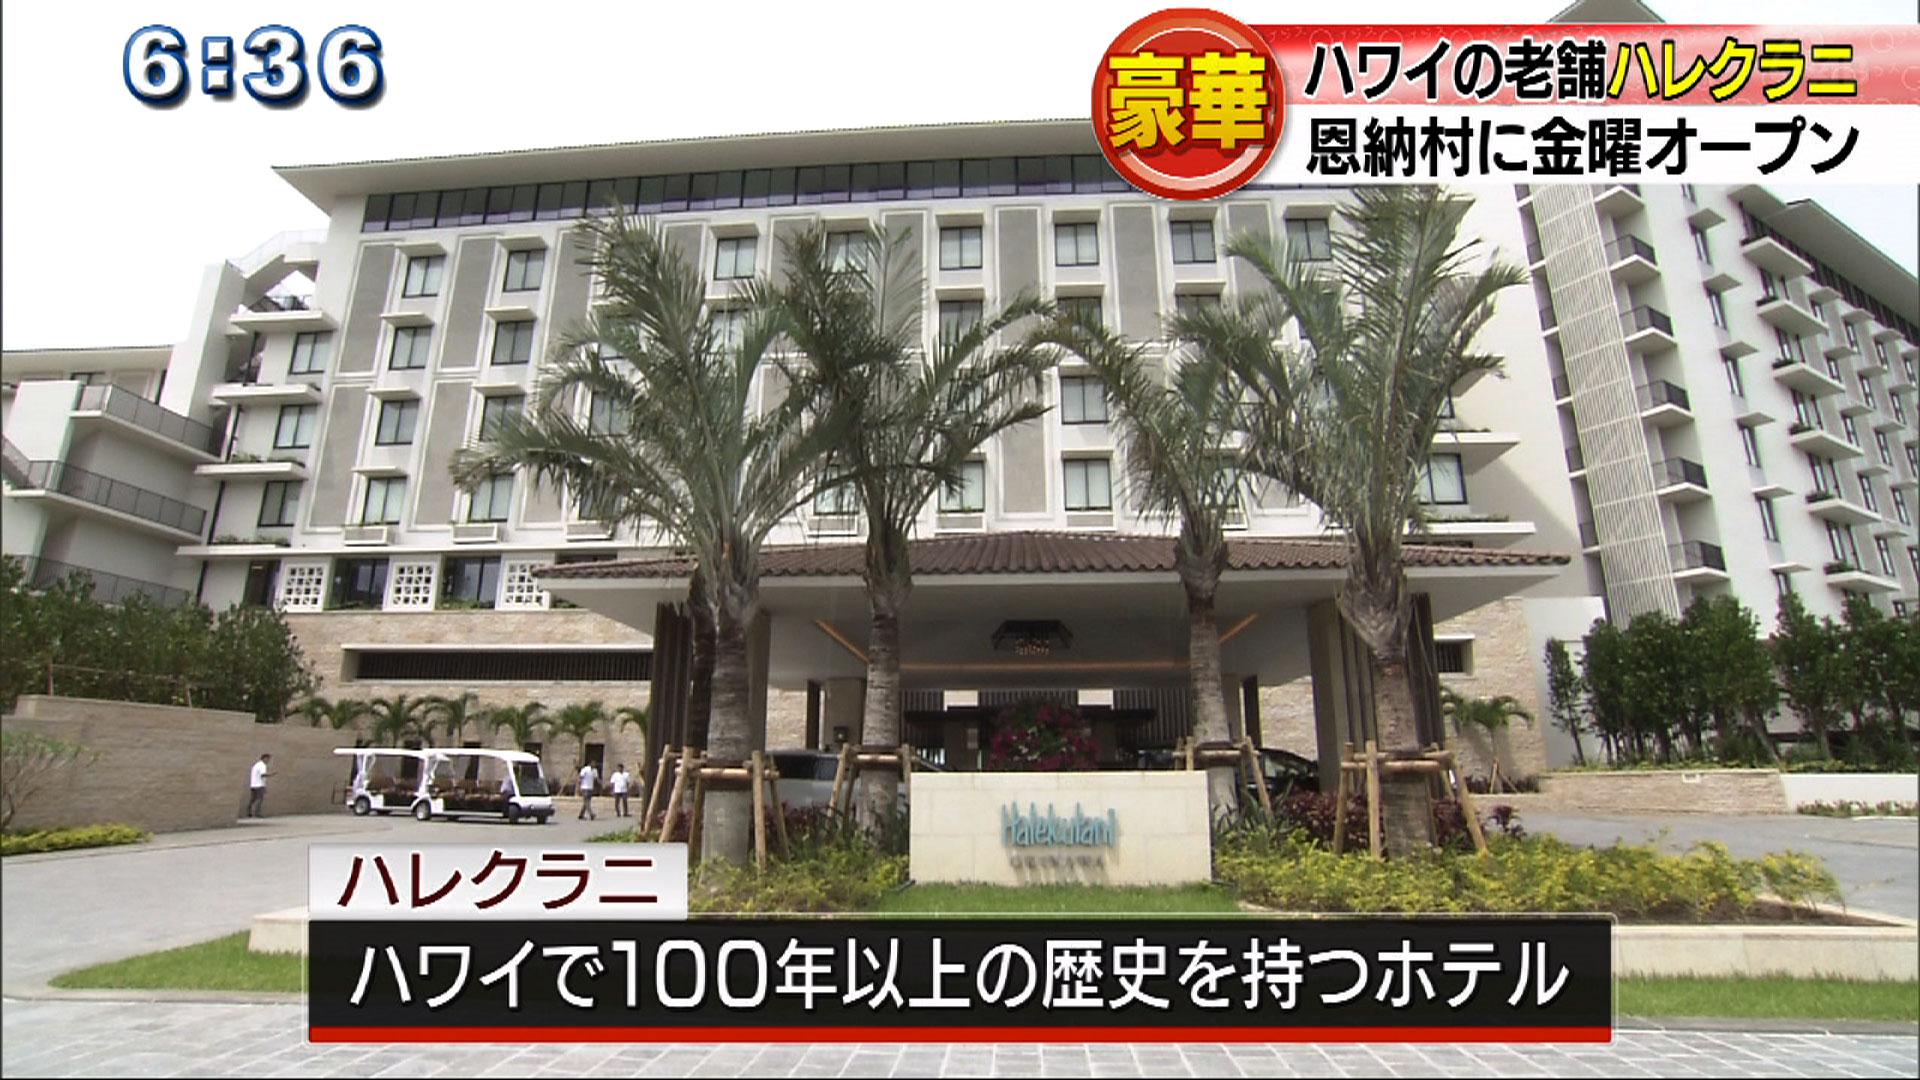 ハワイの老舗ホテル ハレクラニが沖縄に